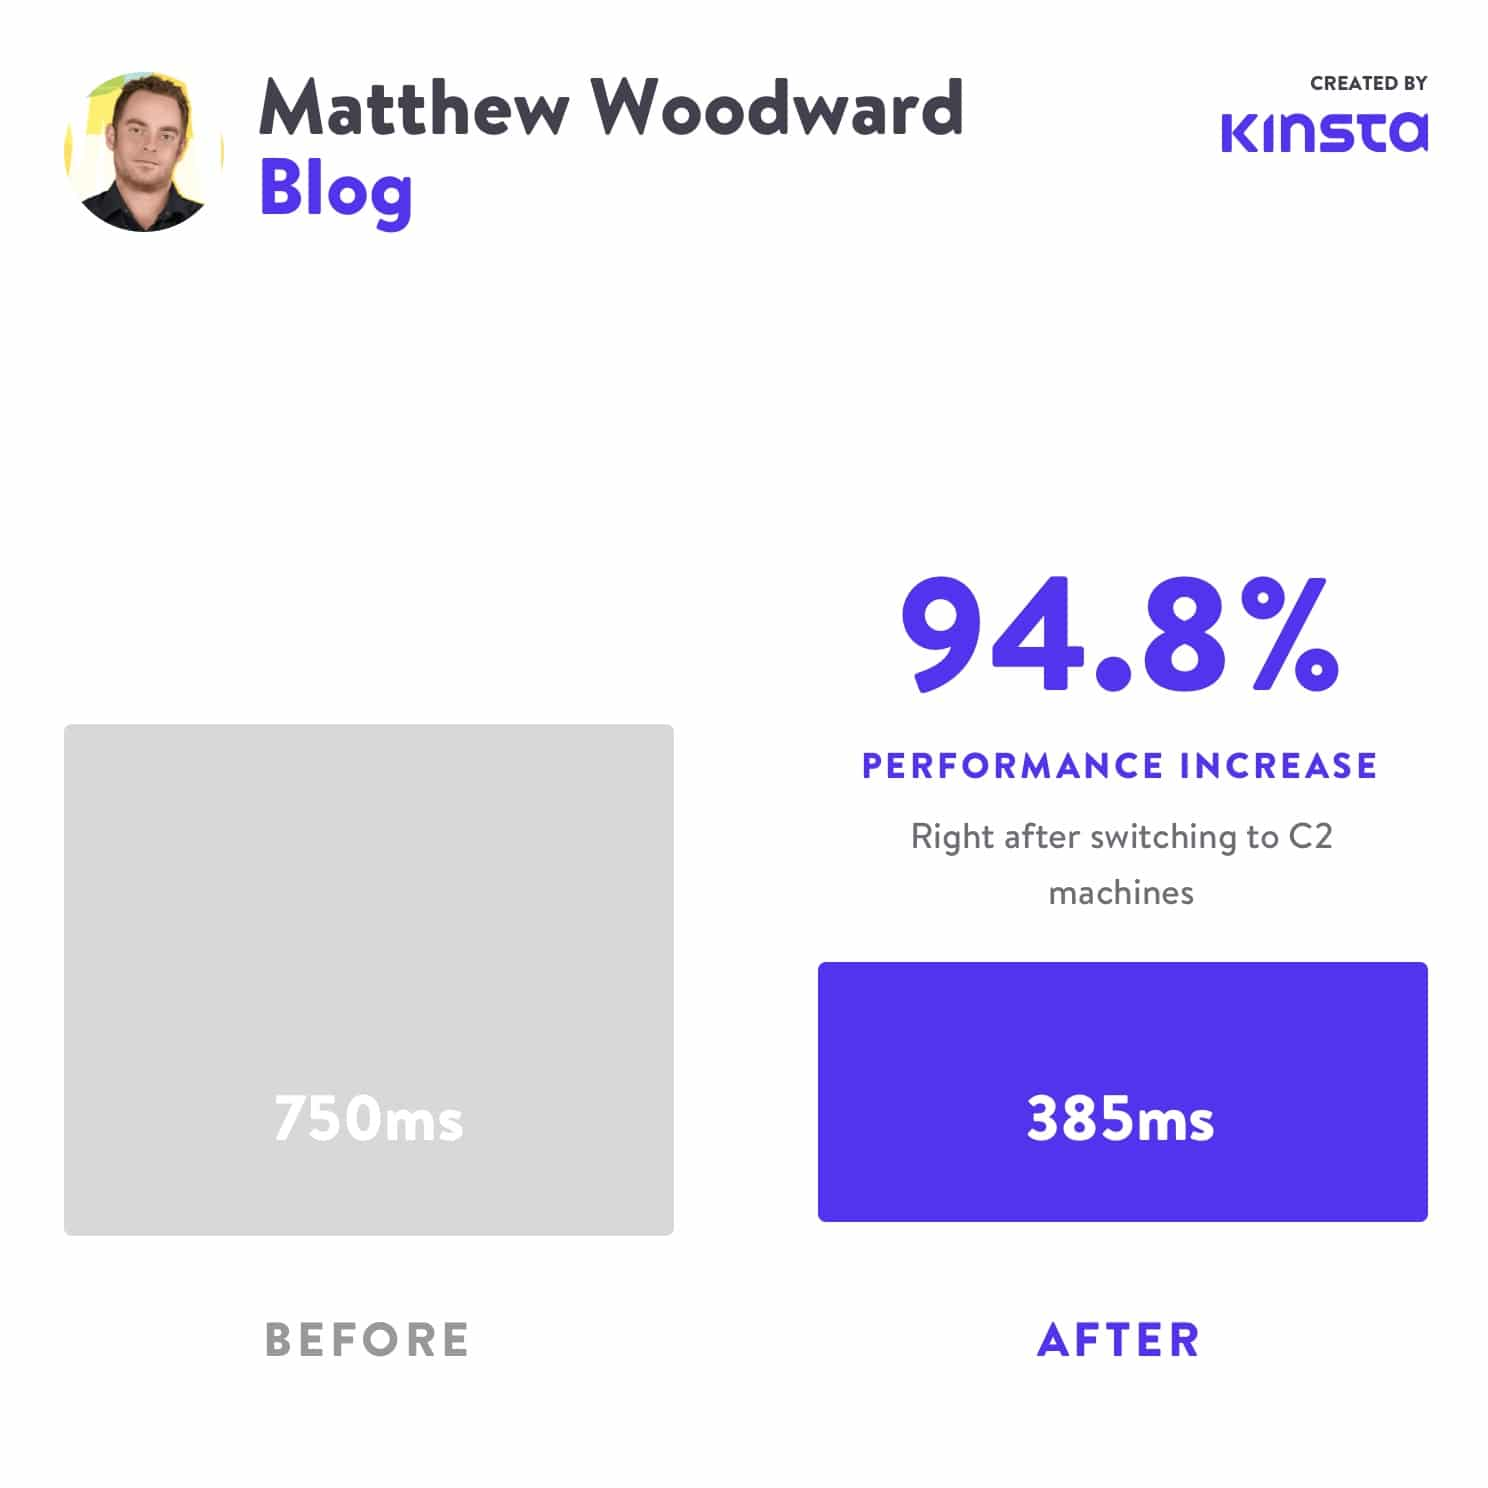 Después de pasar a C2, el rendimiento de Matthew Woodward aumentó en un 94,8%.